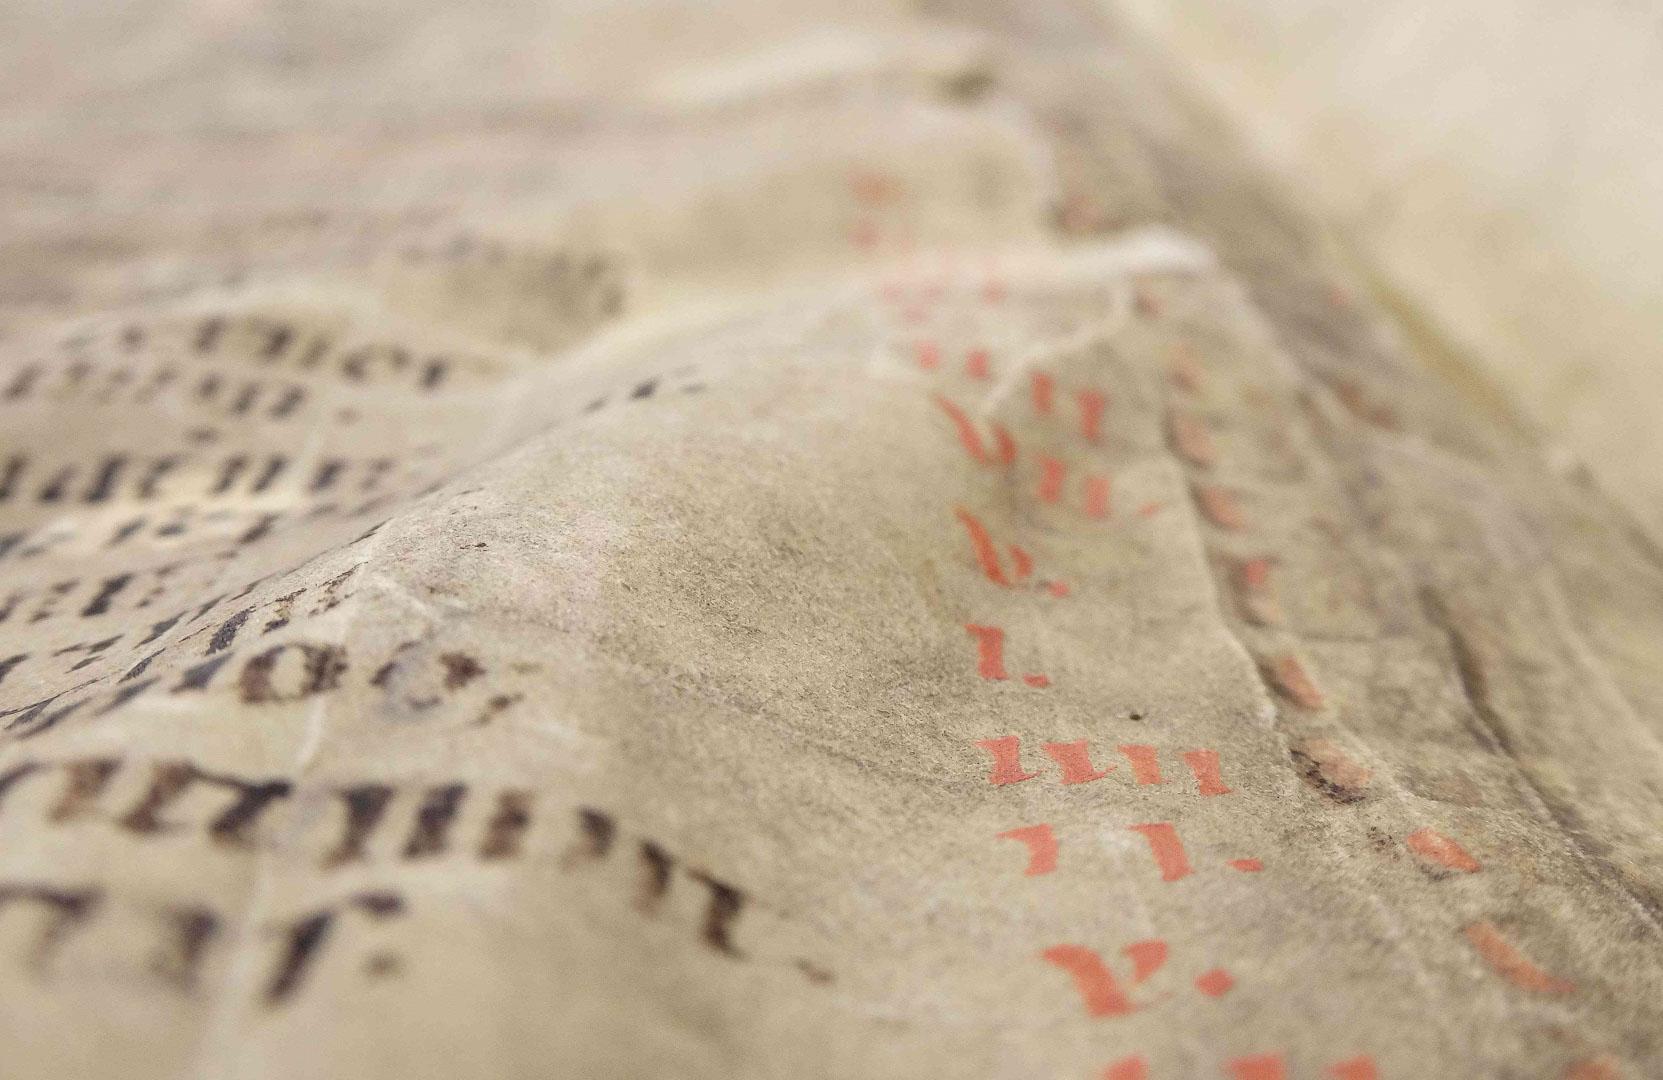 Viele Verklebungen und Feuchtigkeit haben das Pergament wellig werden lassen.